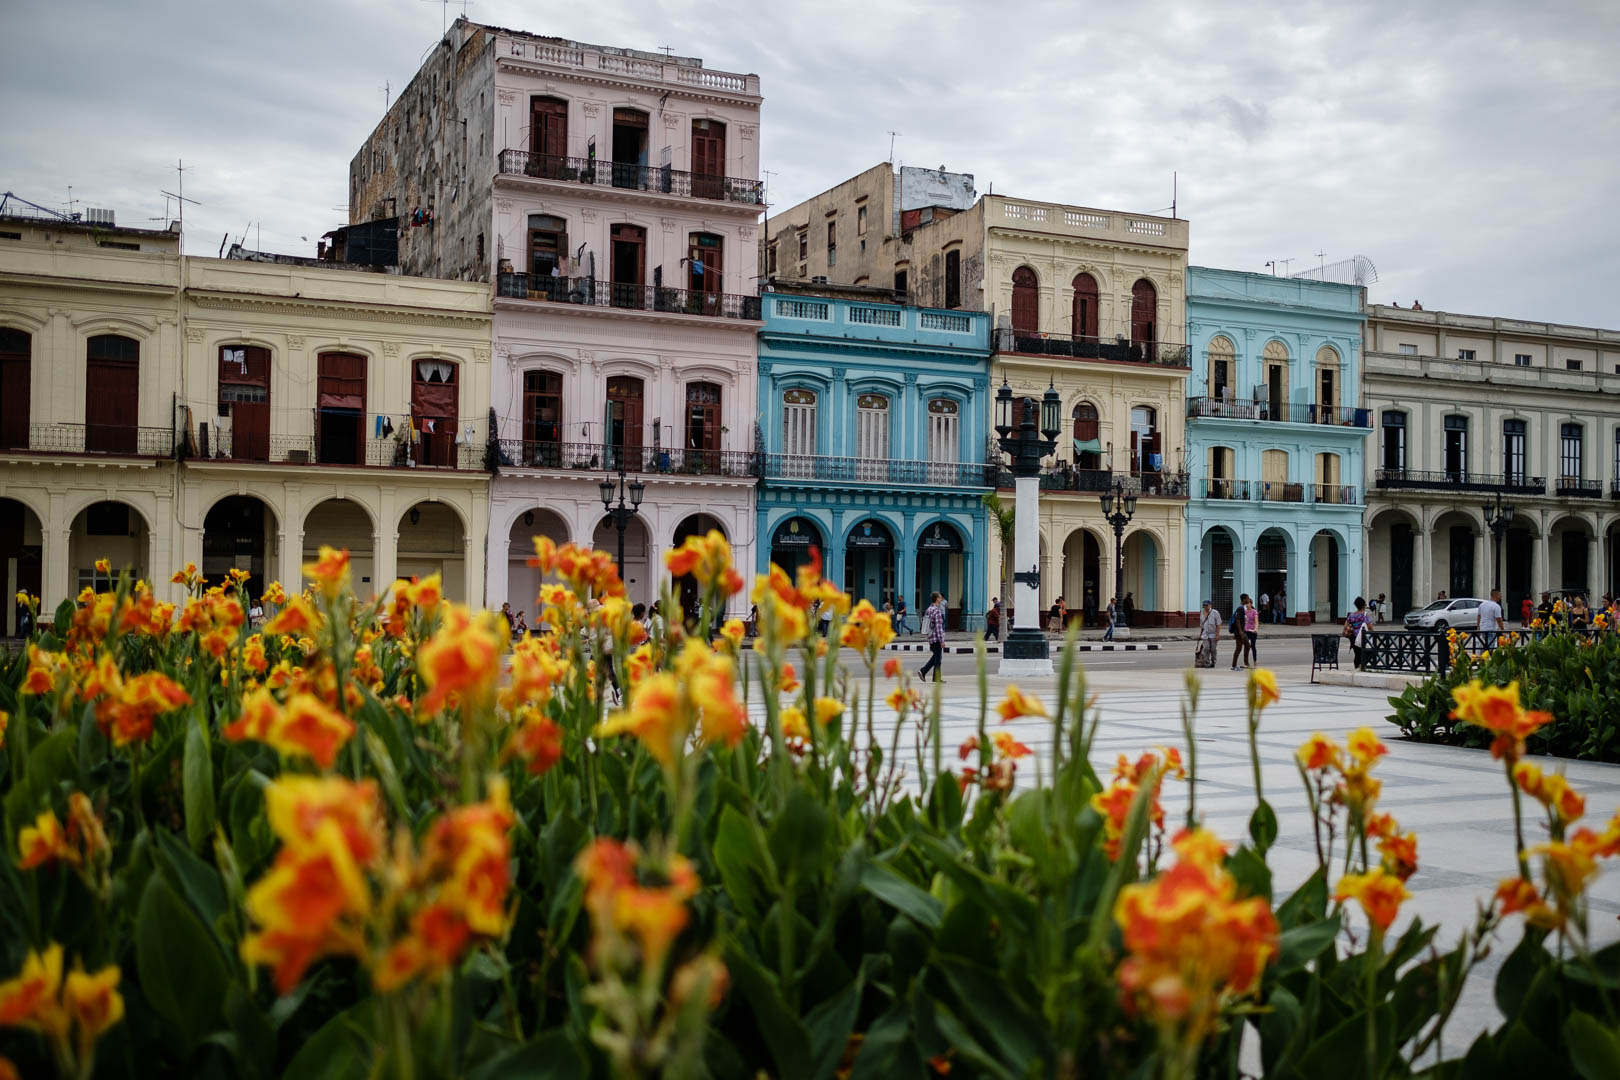 180427-Havana-17-1080.jpg